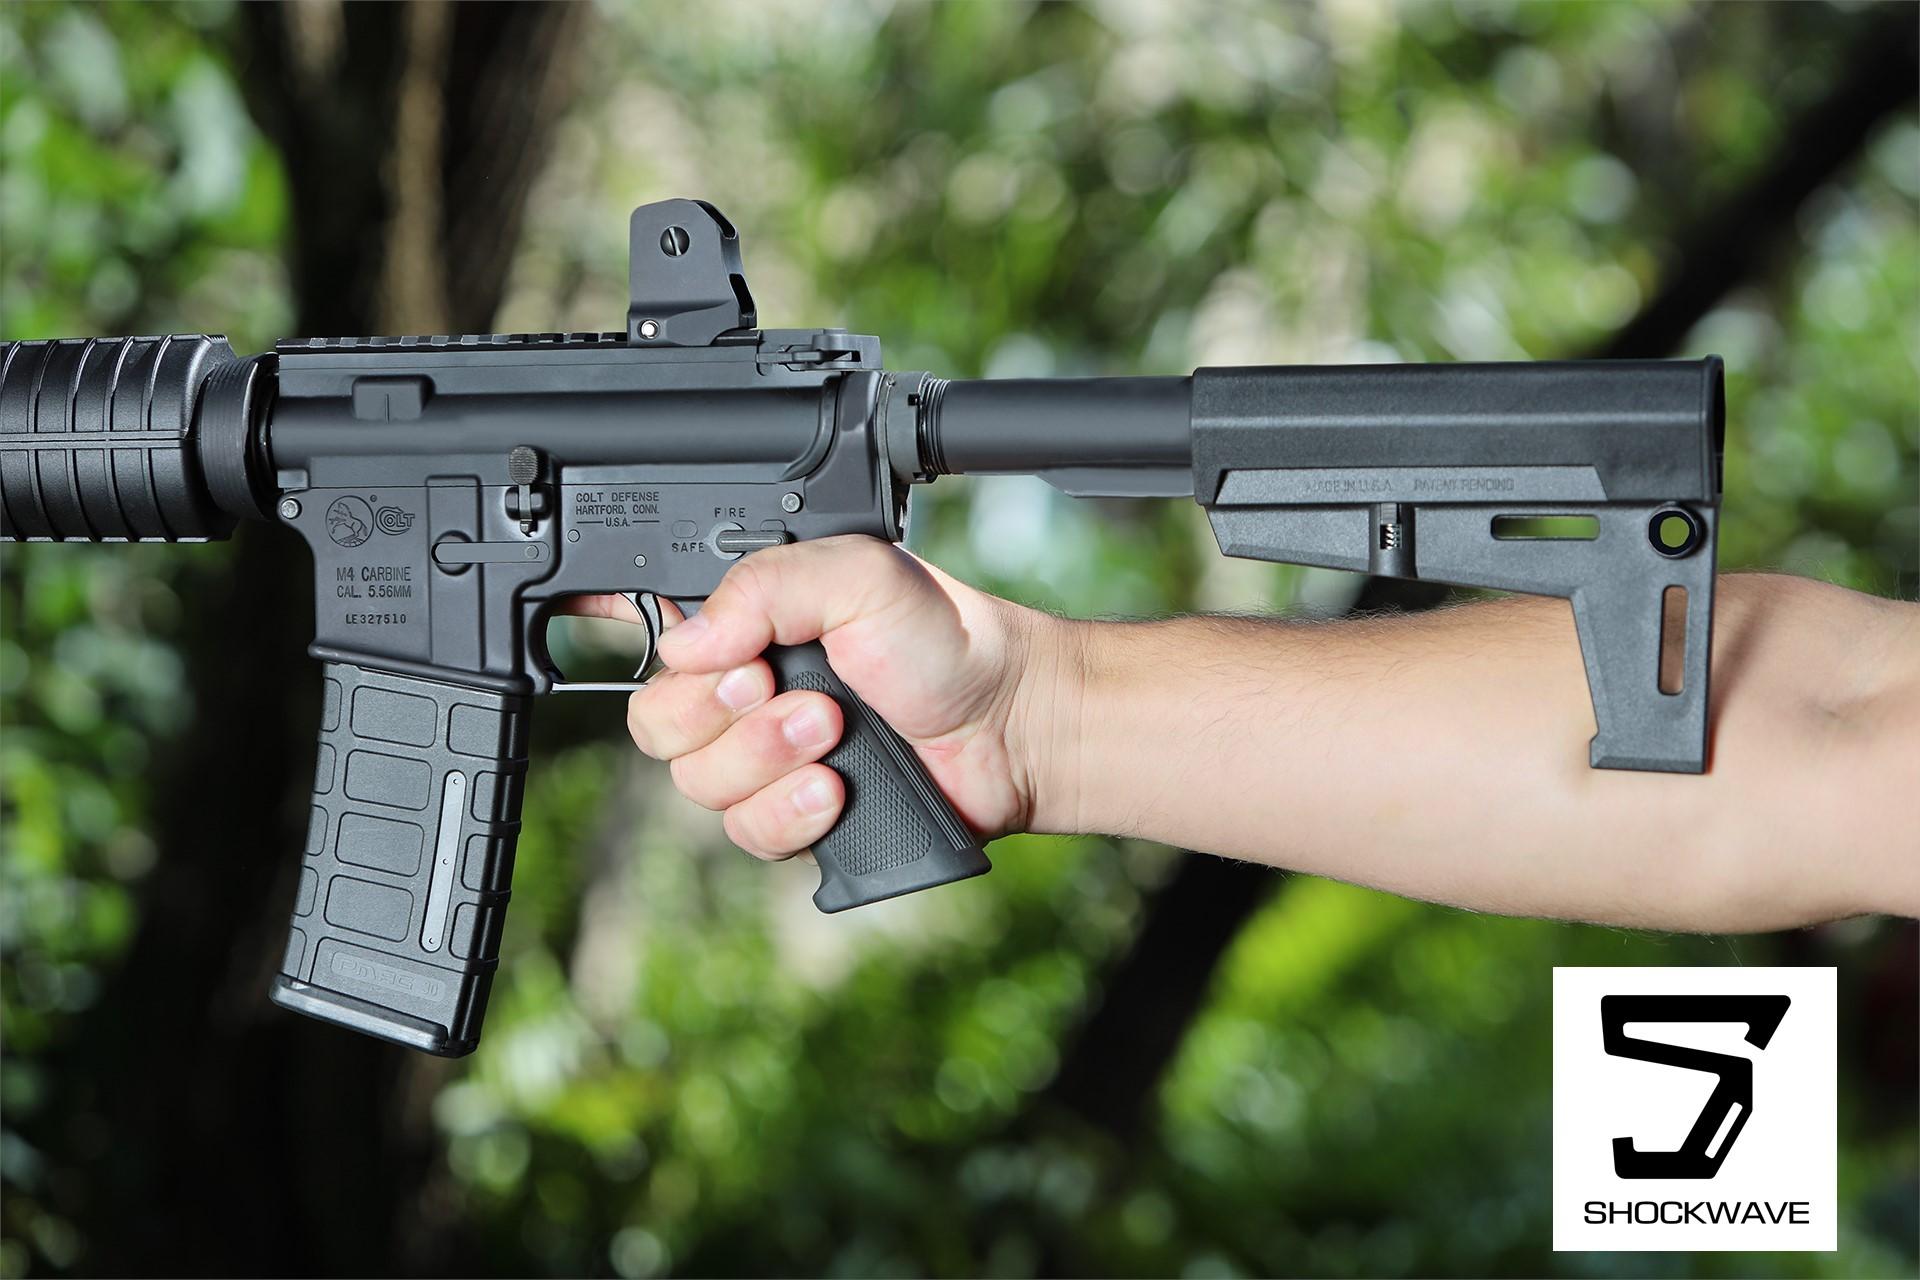 shockwave blade stealth ar-15 pistol